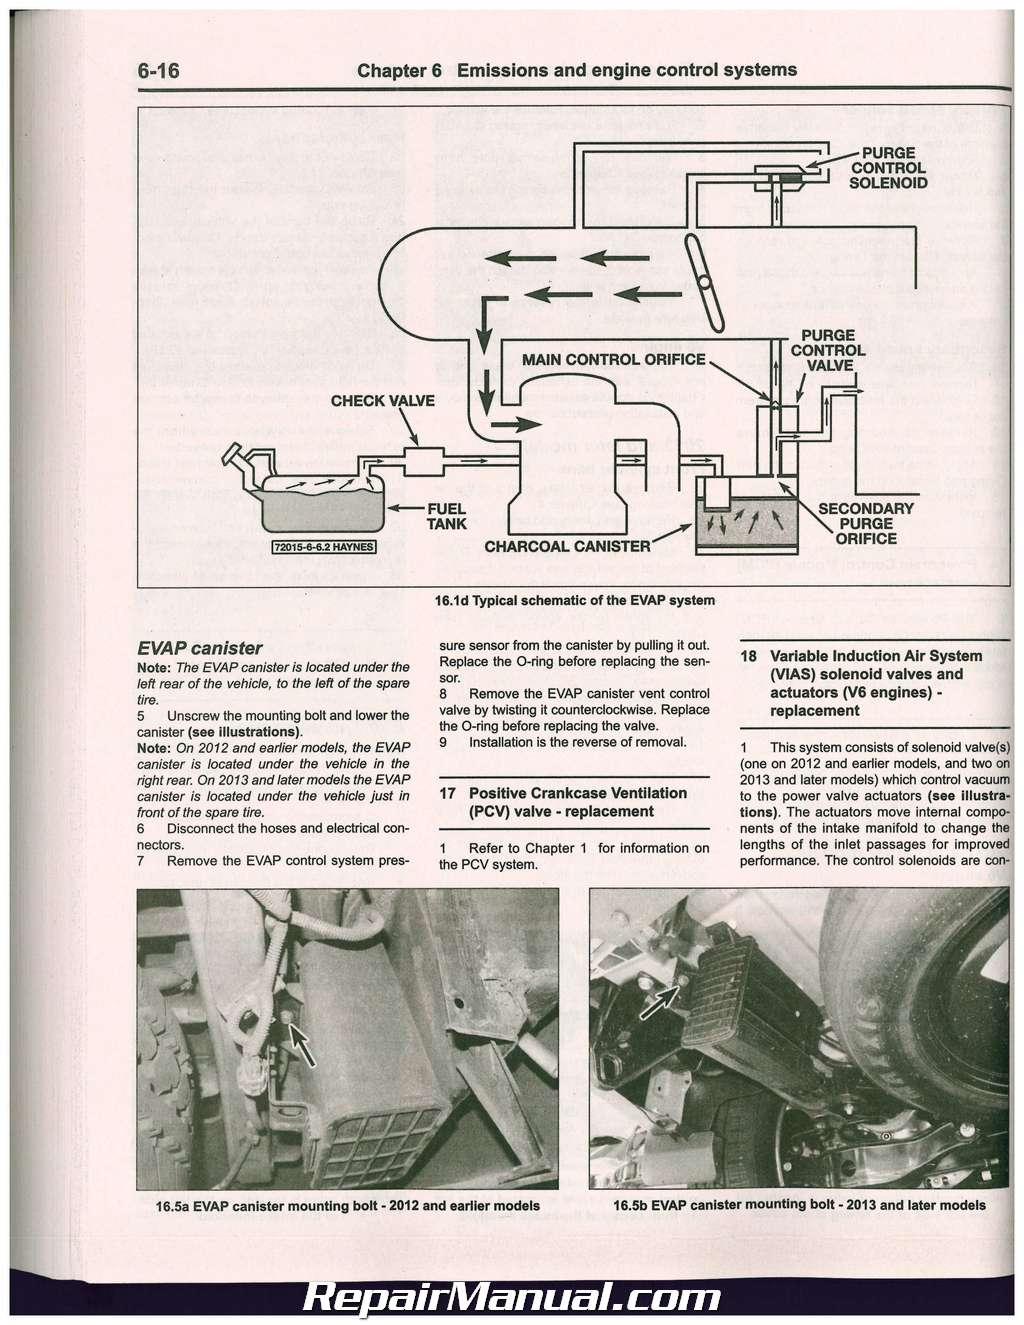 nissan pathfinder 2005 2014 haynes suv repair manual rh repairmanual com 2005 nissan pathfinder repair manual free download nissan pathfinder 2005 owners manual